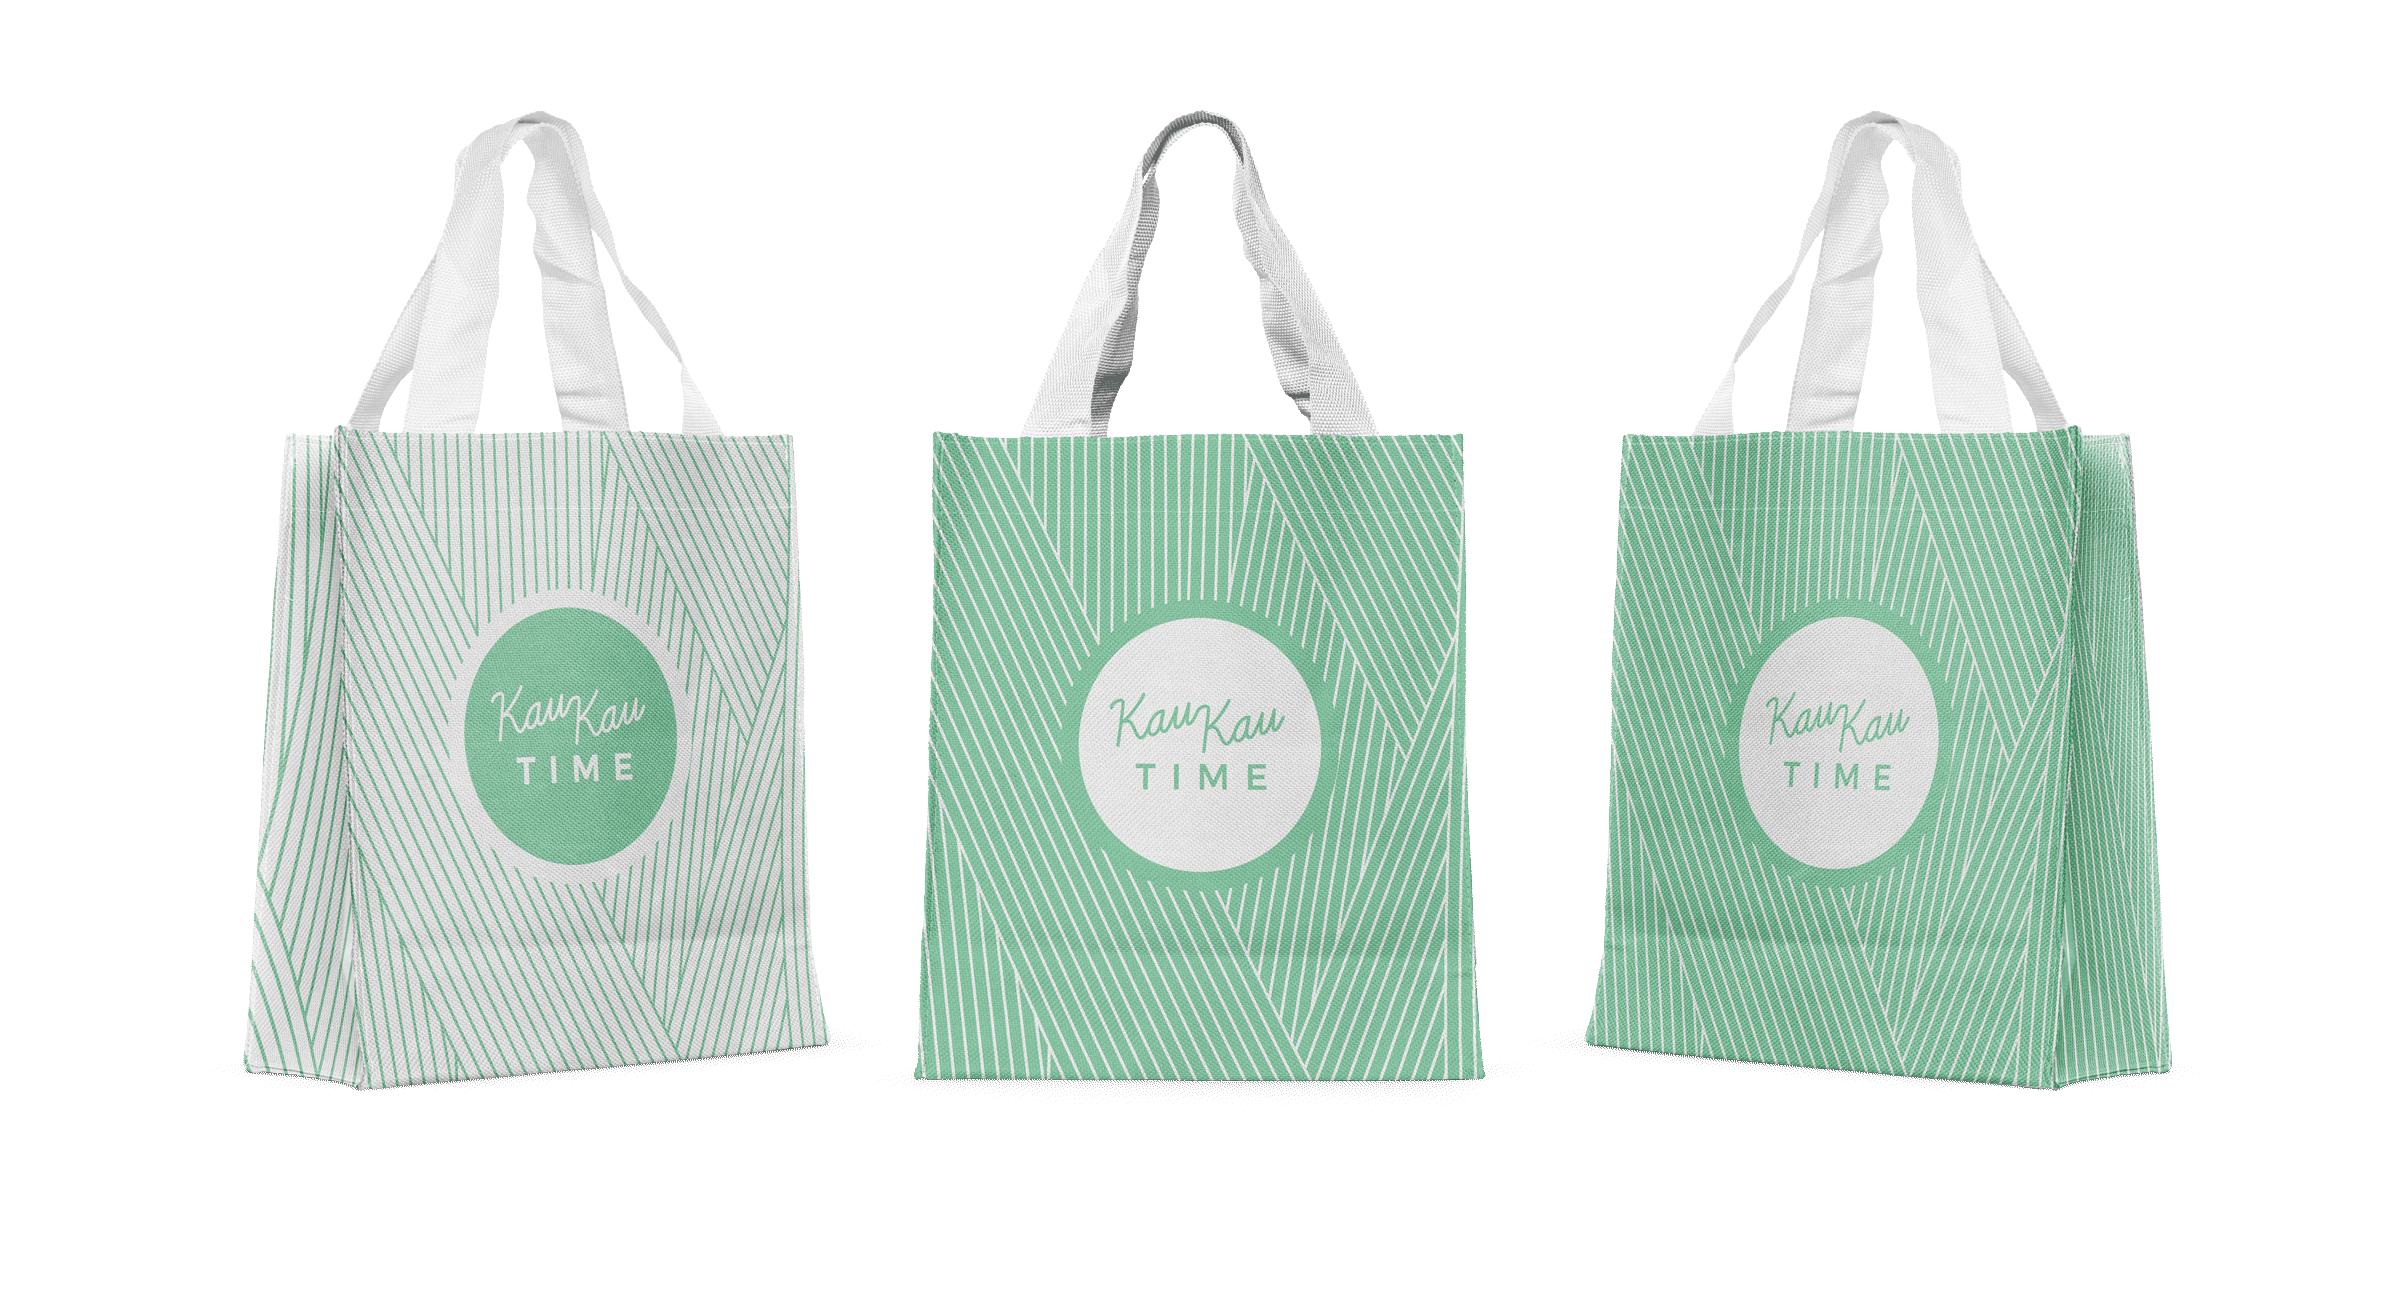 7-Eleven-Bag-Design10.png